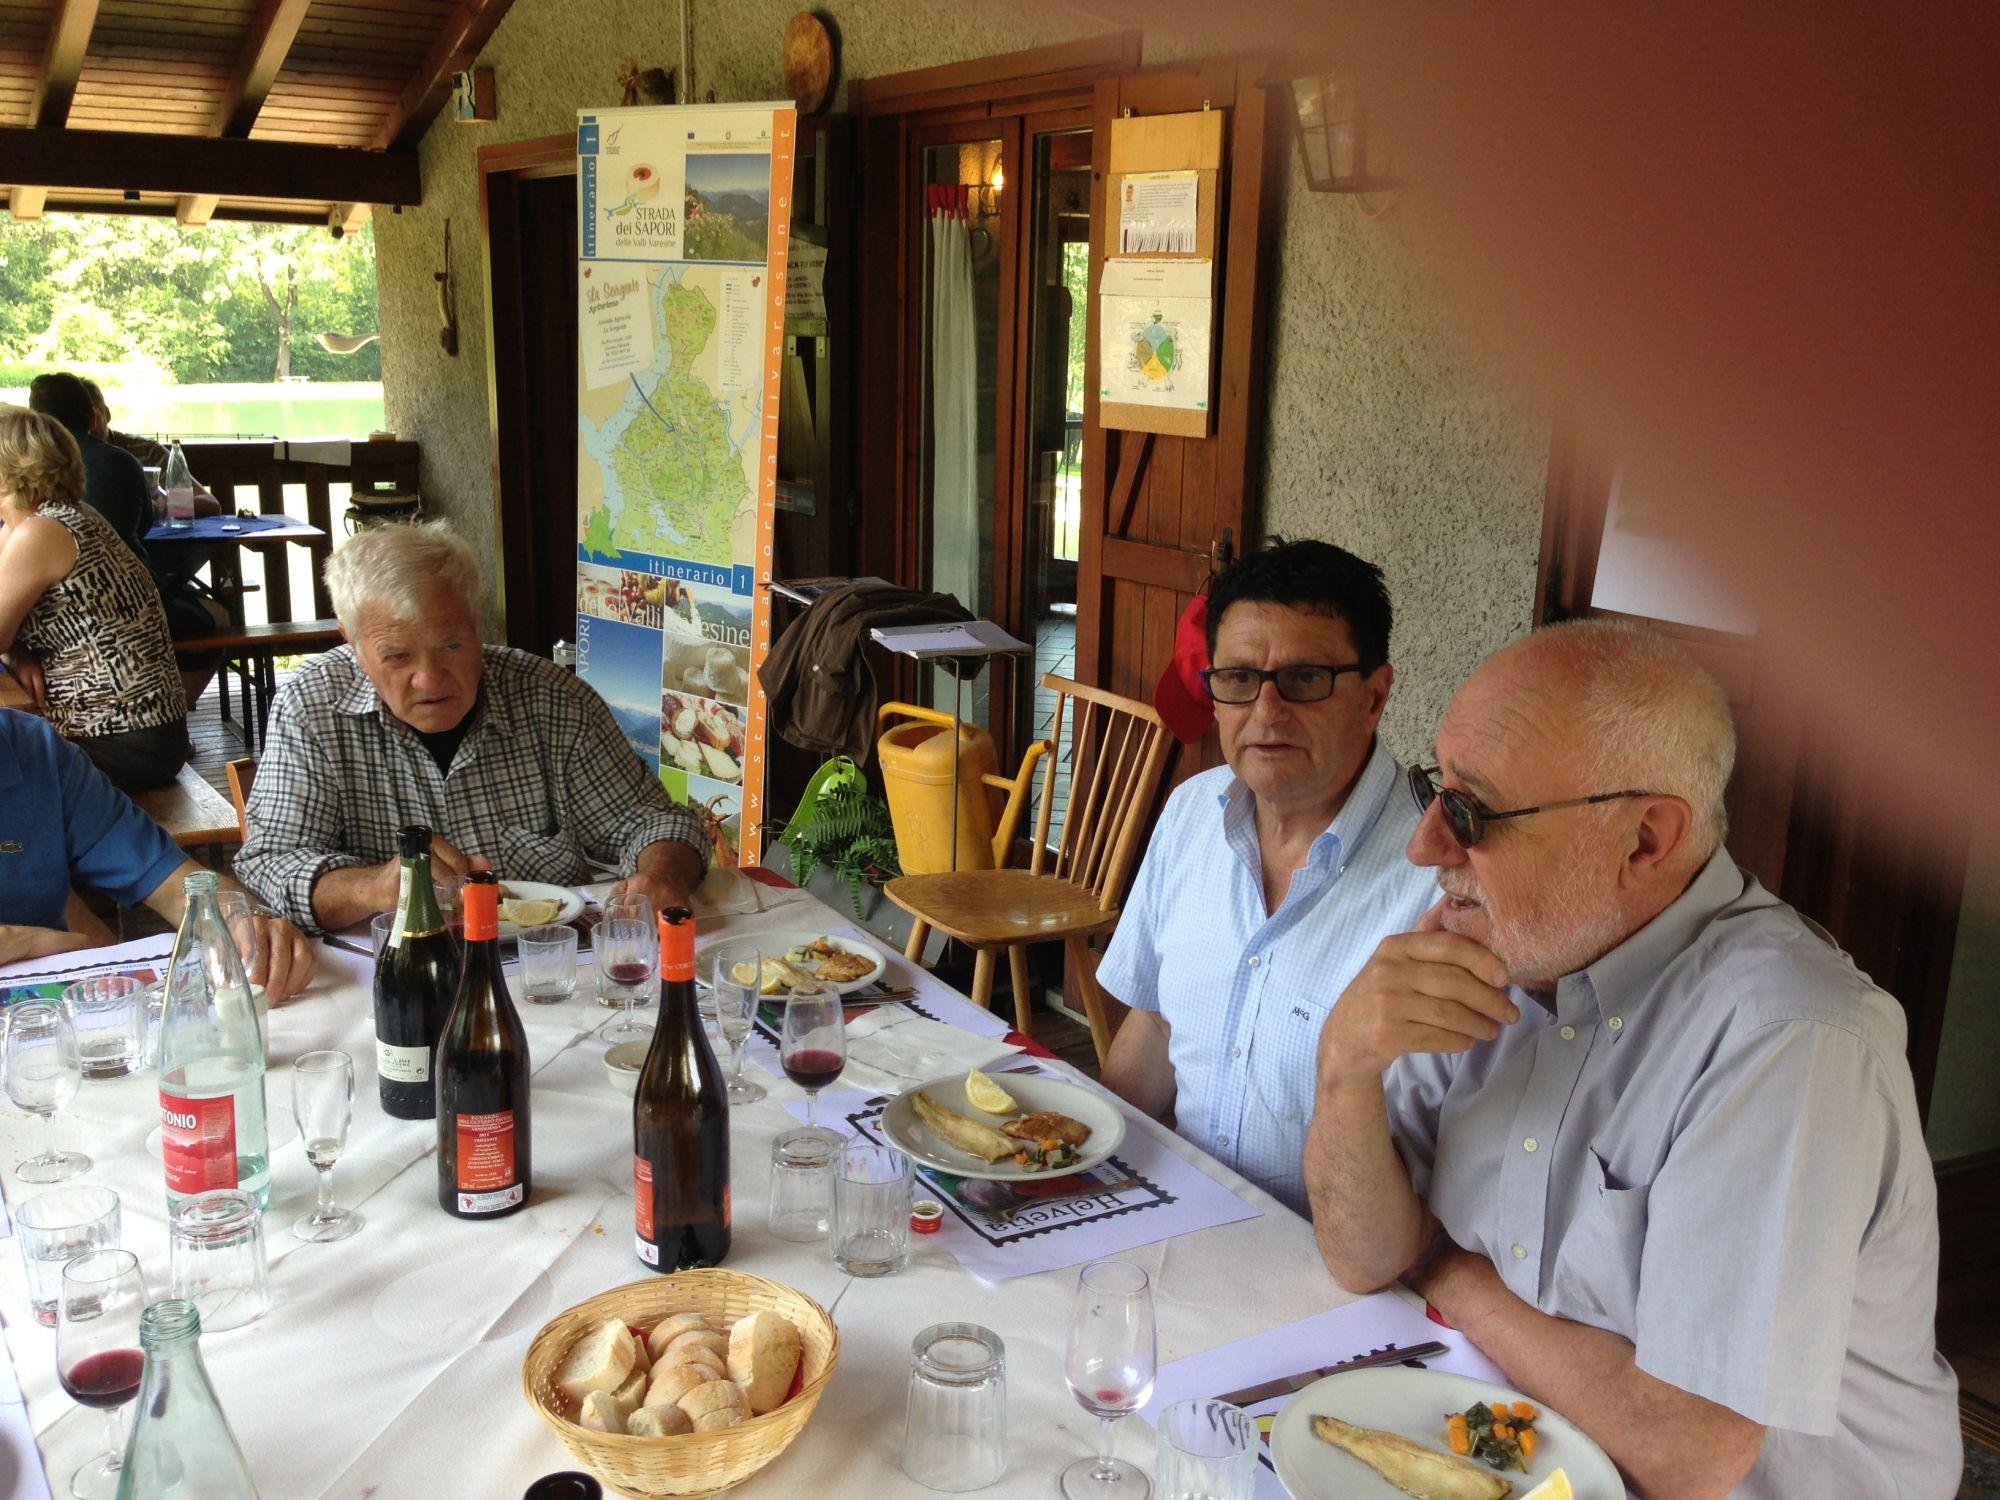 09.06.2013, Agriturismo La Sorgente a Cassano Valcuvia (da Giorgio). Pranzo con gli artisti. Vincenzino Vanetti, Gianni Realini e Luciano Carazzetti